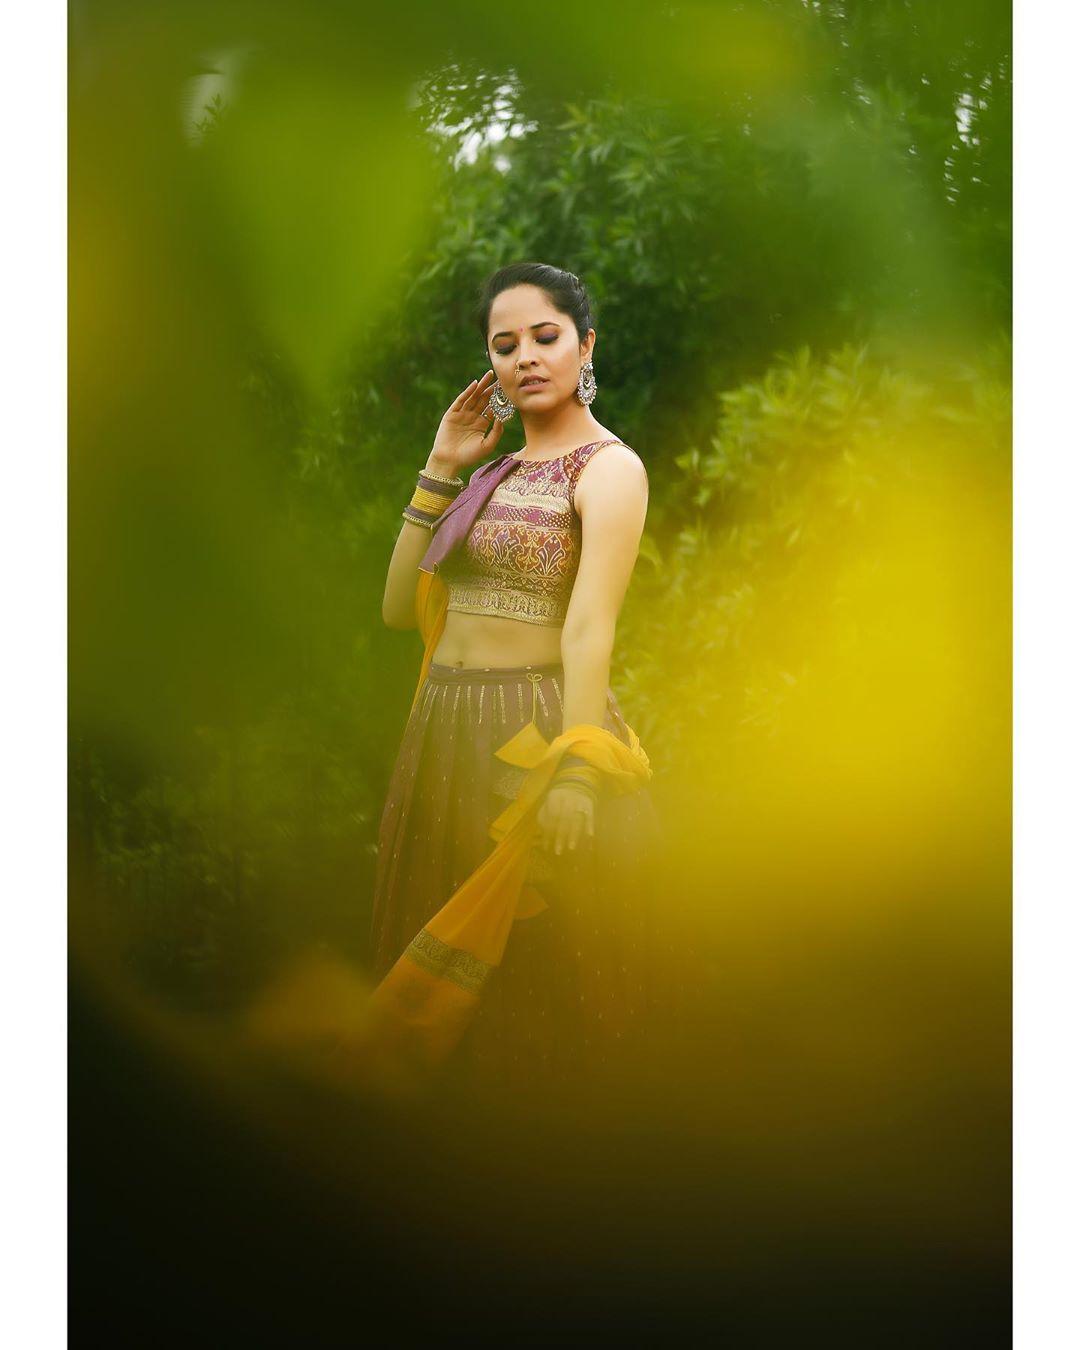 అనసూయ భరద్వాజ్ లేటెస్ట్ ఫోటోషూట్ (Image : Instagram)